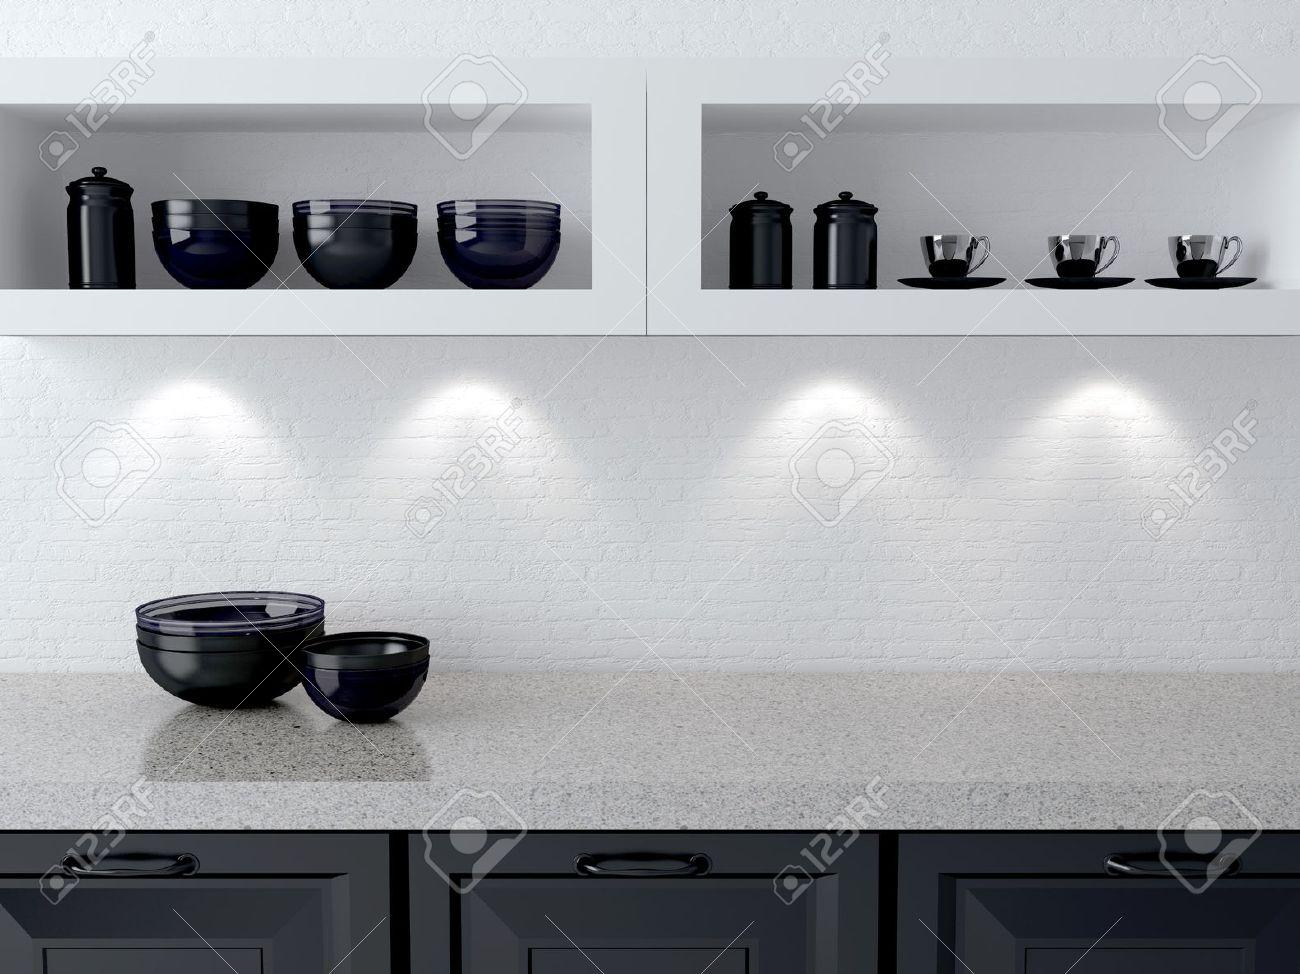 Keramisch keukengerei op de plank. marmeren werkblad. witte en ...